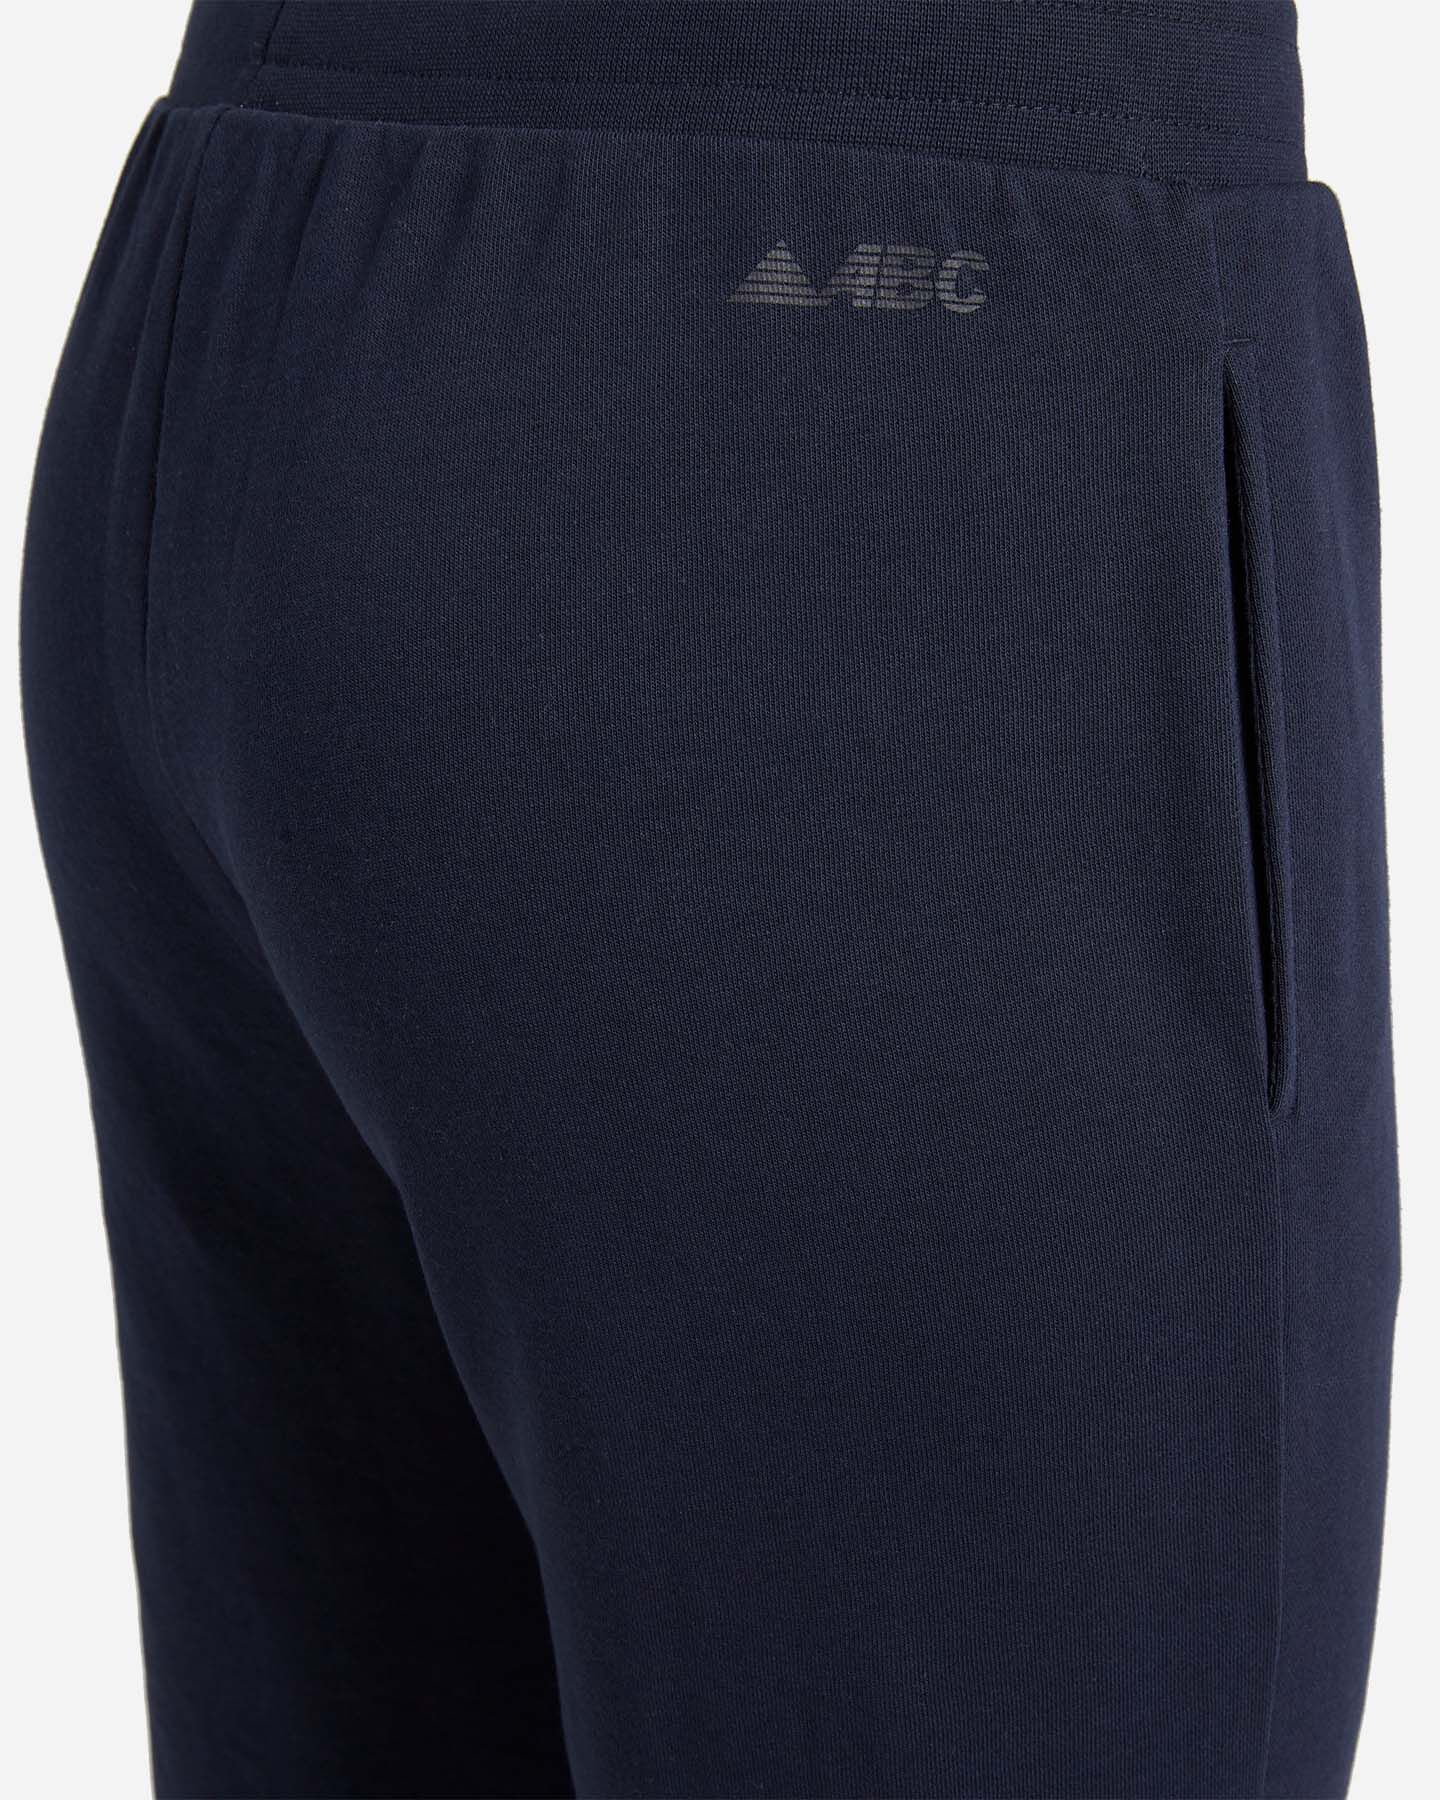 Pantalone ABC STRAIGHT W S5296358 scatto 3